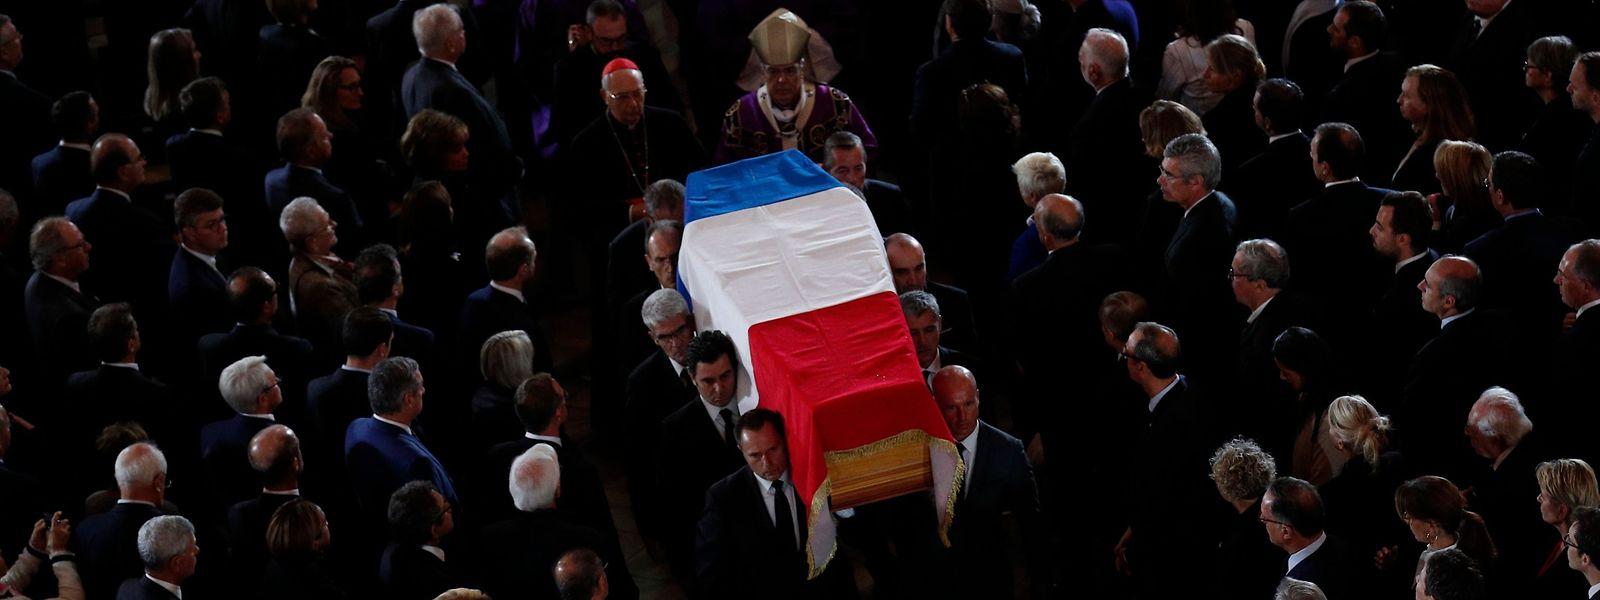 Le cercueil de Jacques Chirac traverse ici la foule des dignitaires et officiels invités à ses obsèques.